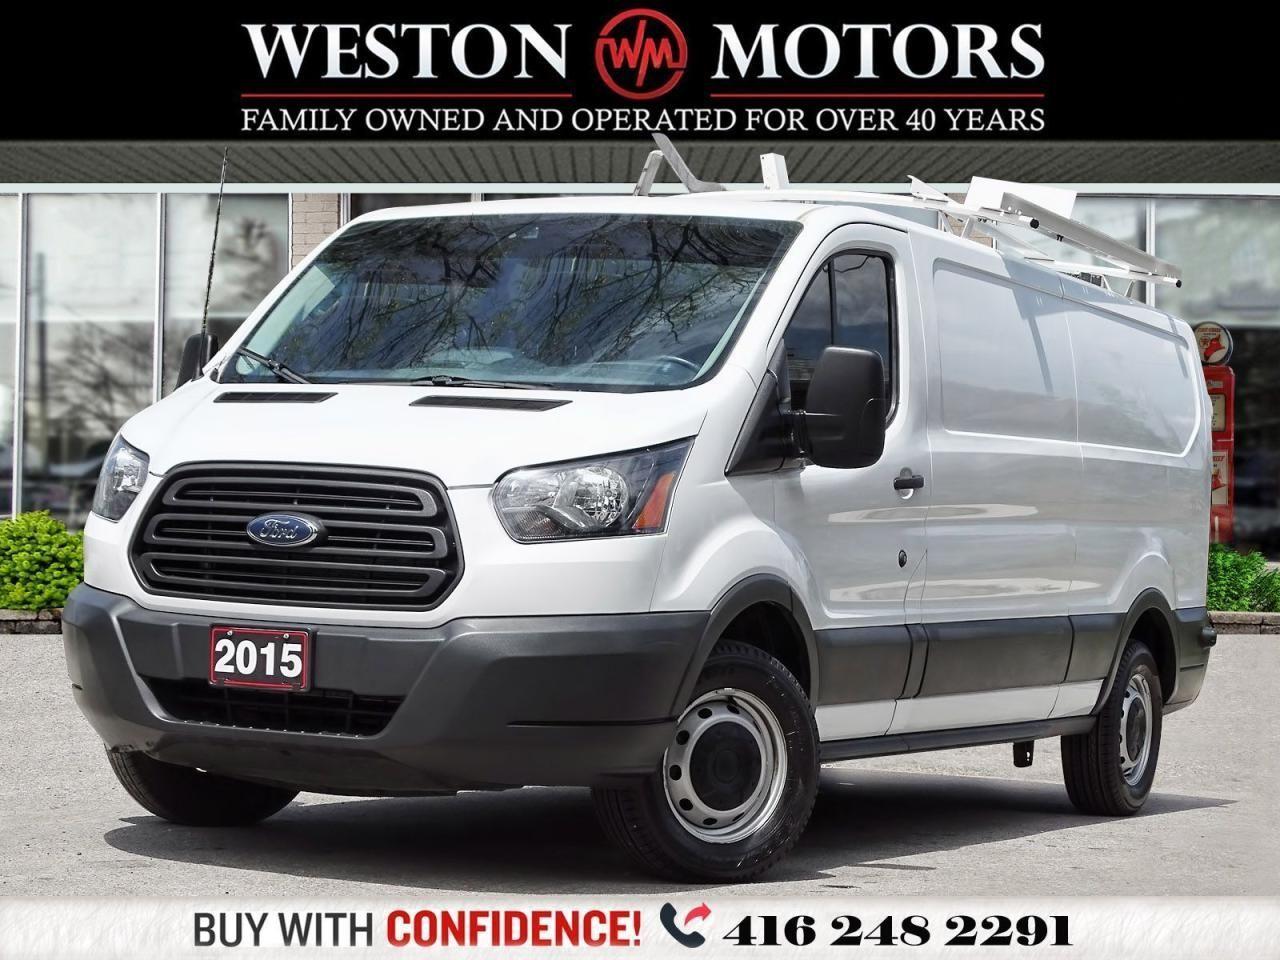 2015 Ford Transit 150 3.7L*148WB*SHELVING*ROOFRACK*REVCAM*BARN DOORS!